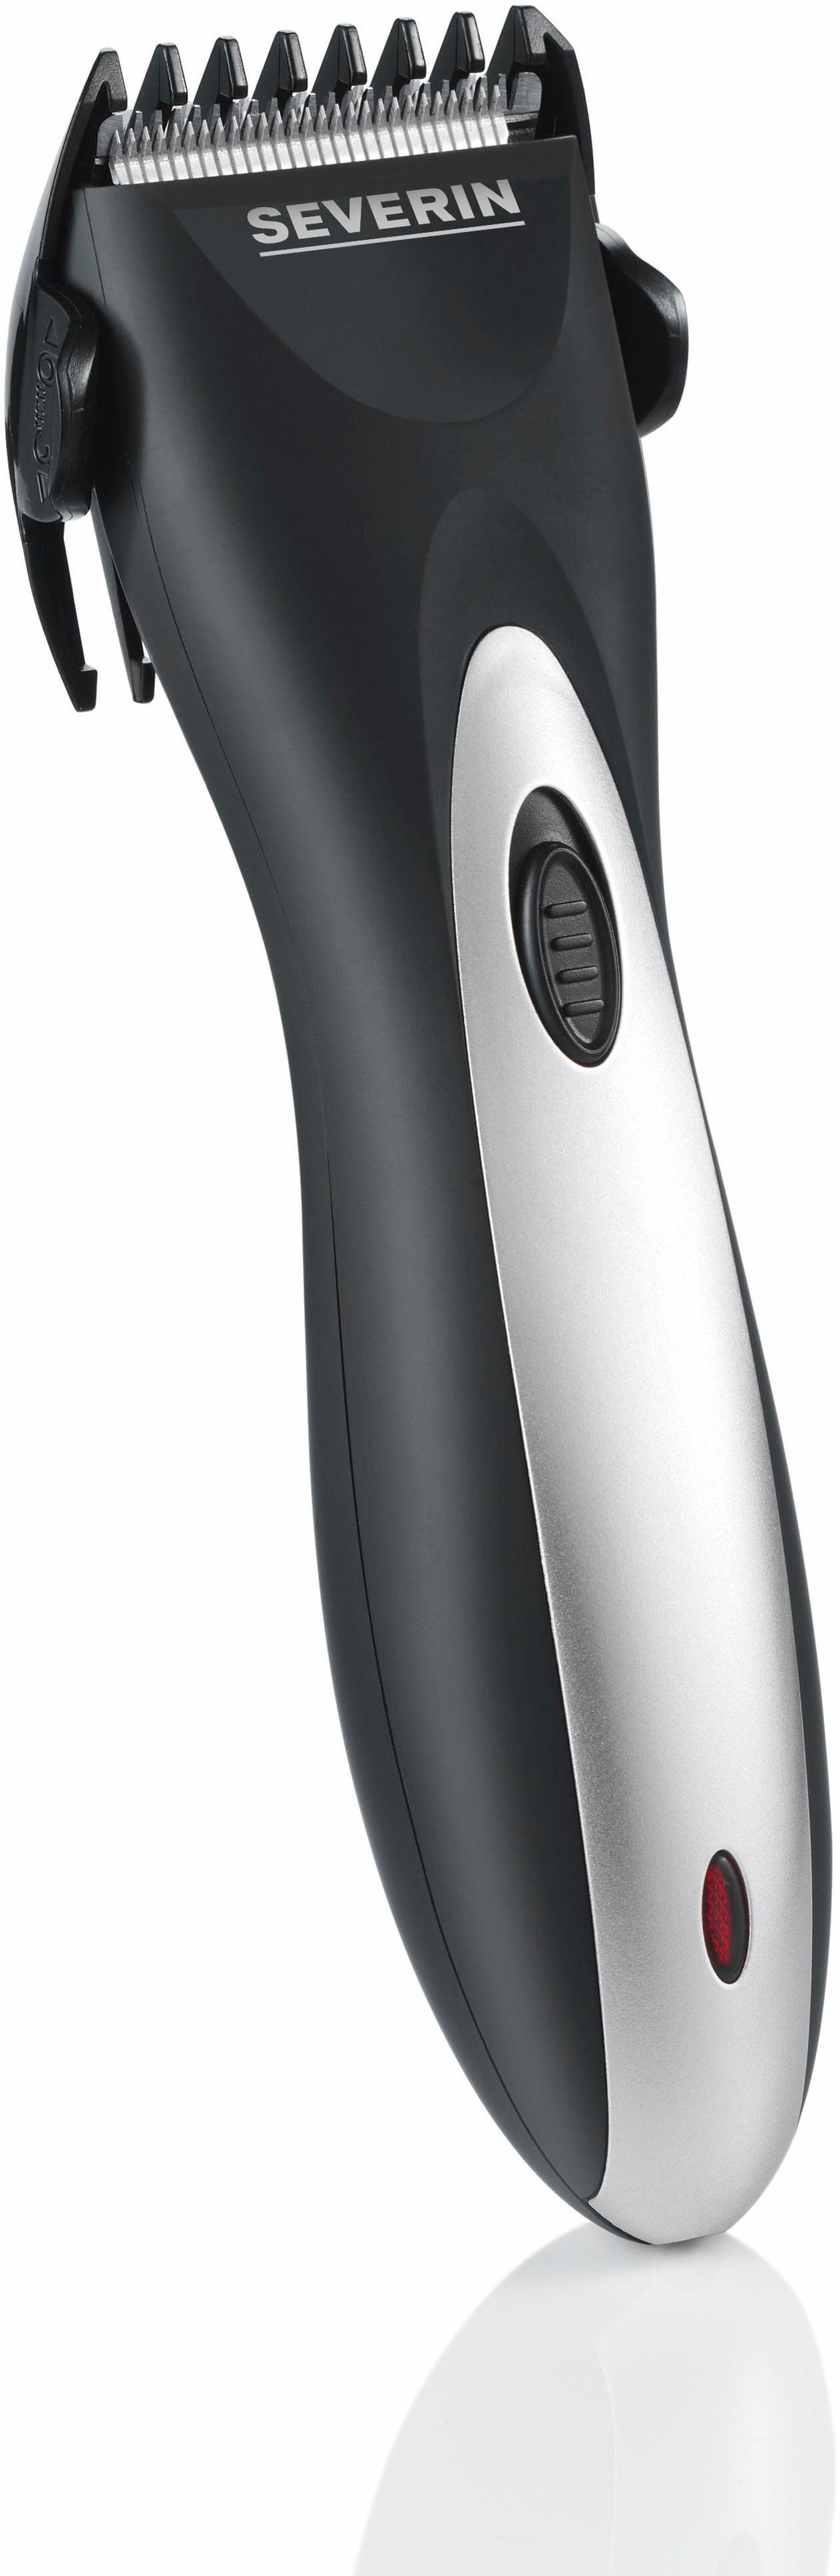 Severin Haar- und Bartschneider HS 0704, Gehäuse mit Soft-Touch-Oberfläche